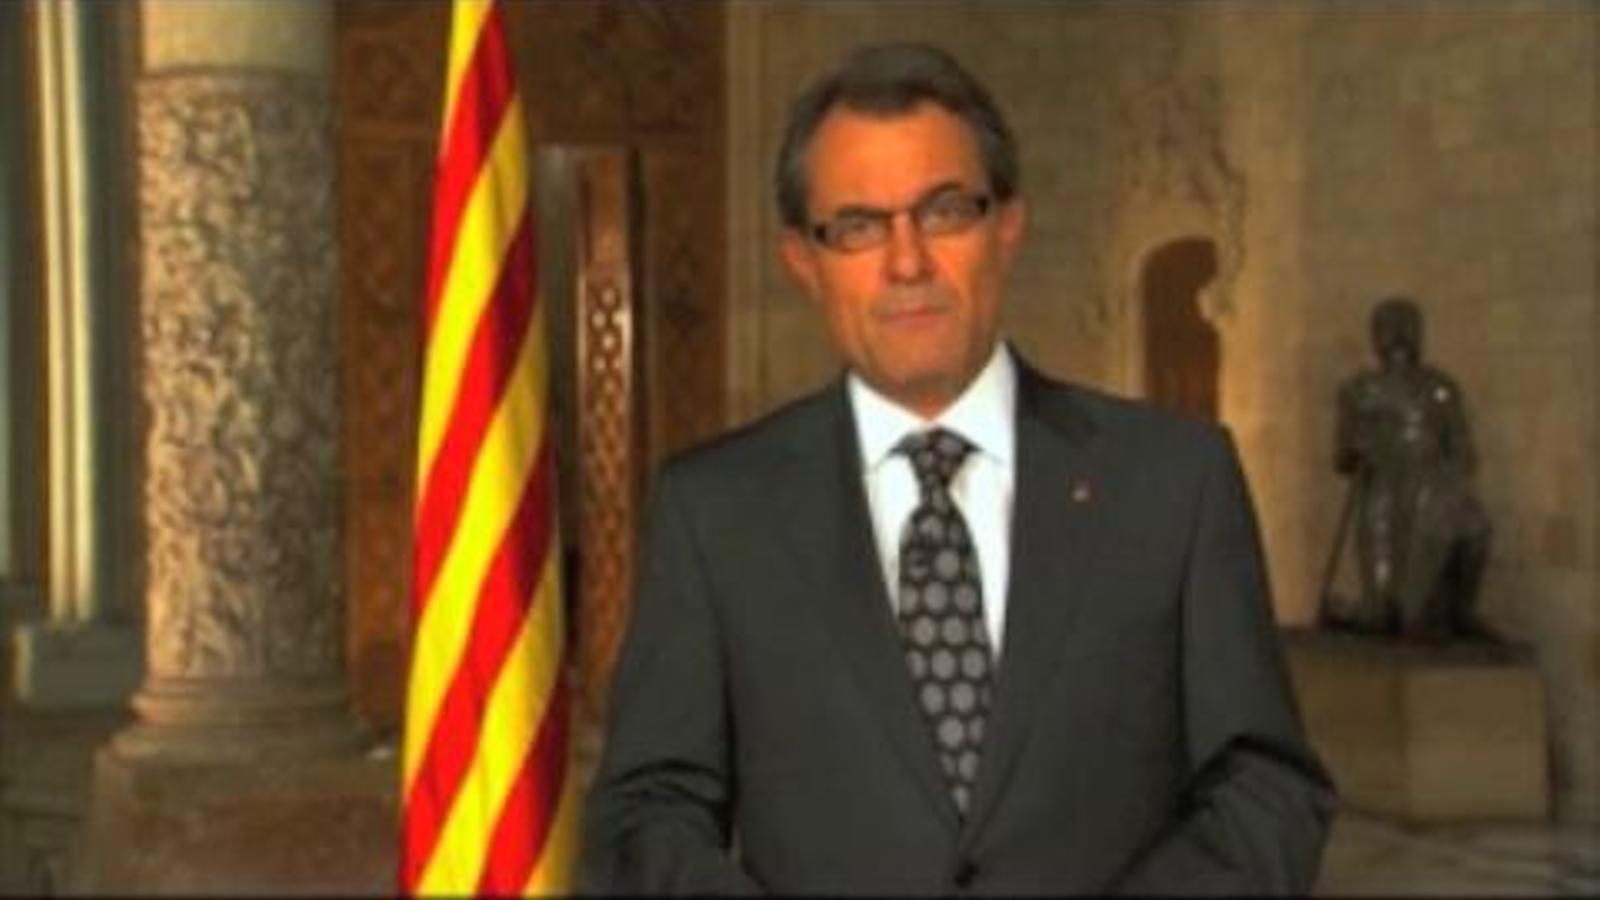 Mas carrega de responsabilitat els catalans i els exigeix creure en nosaltres mateixos